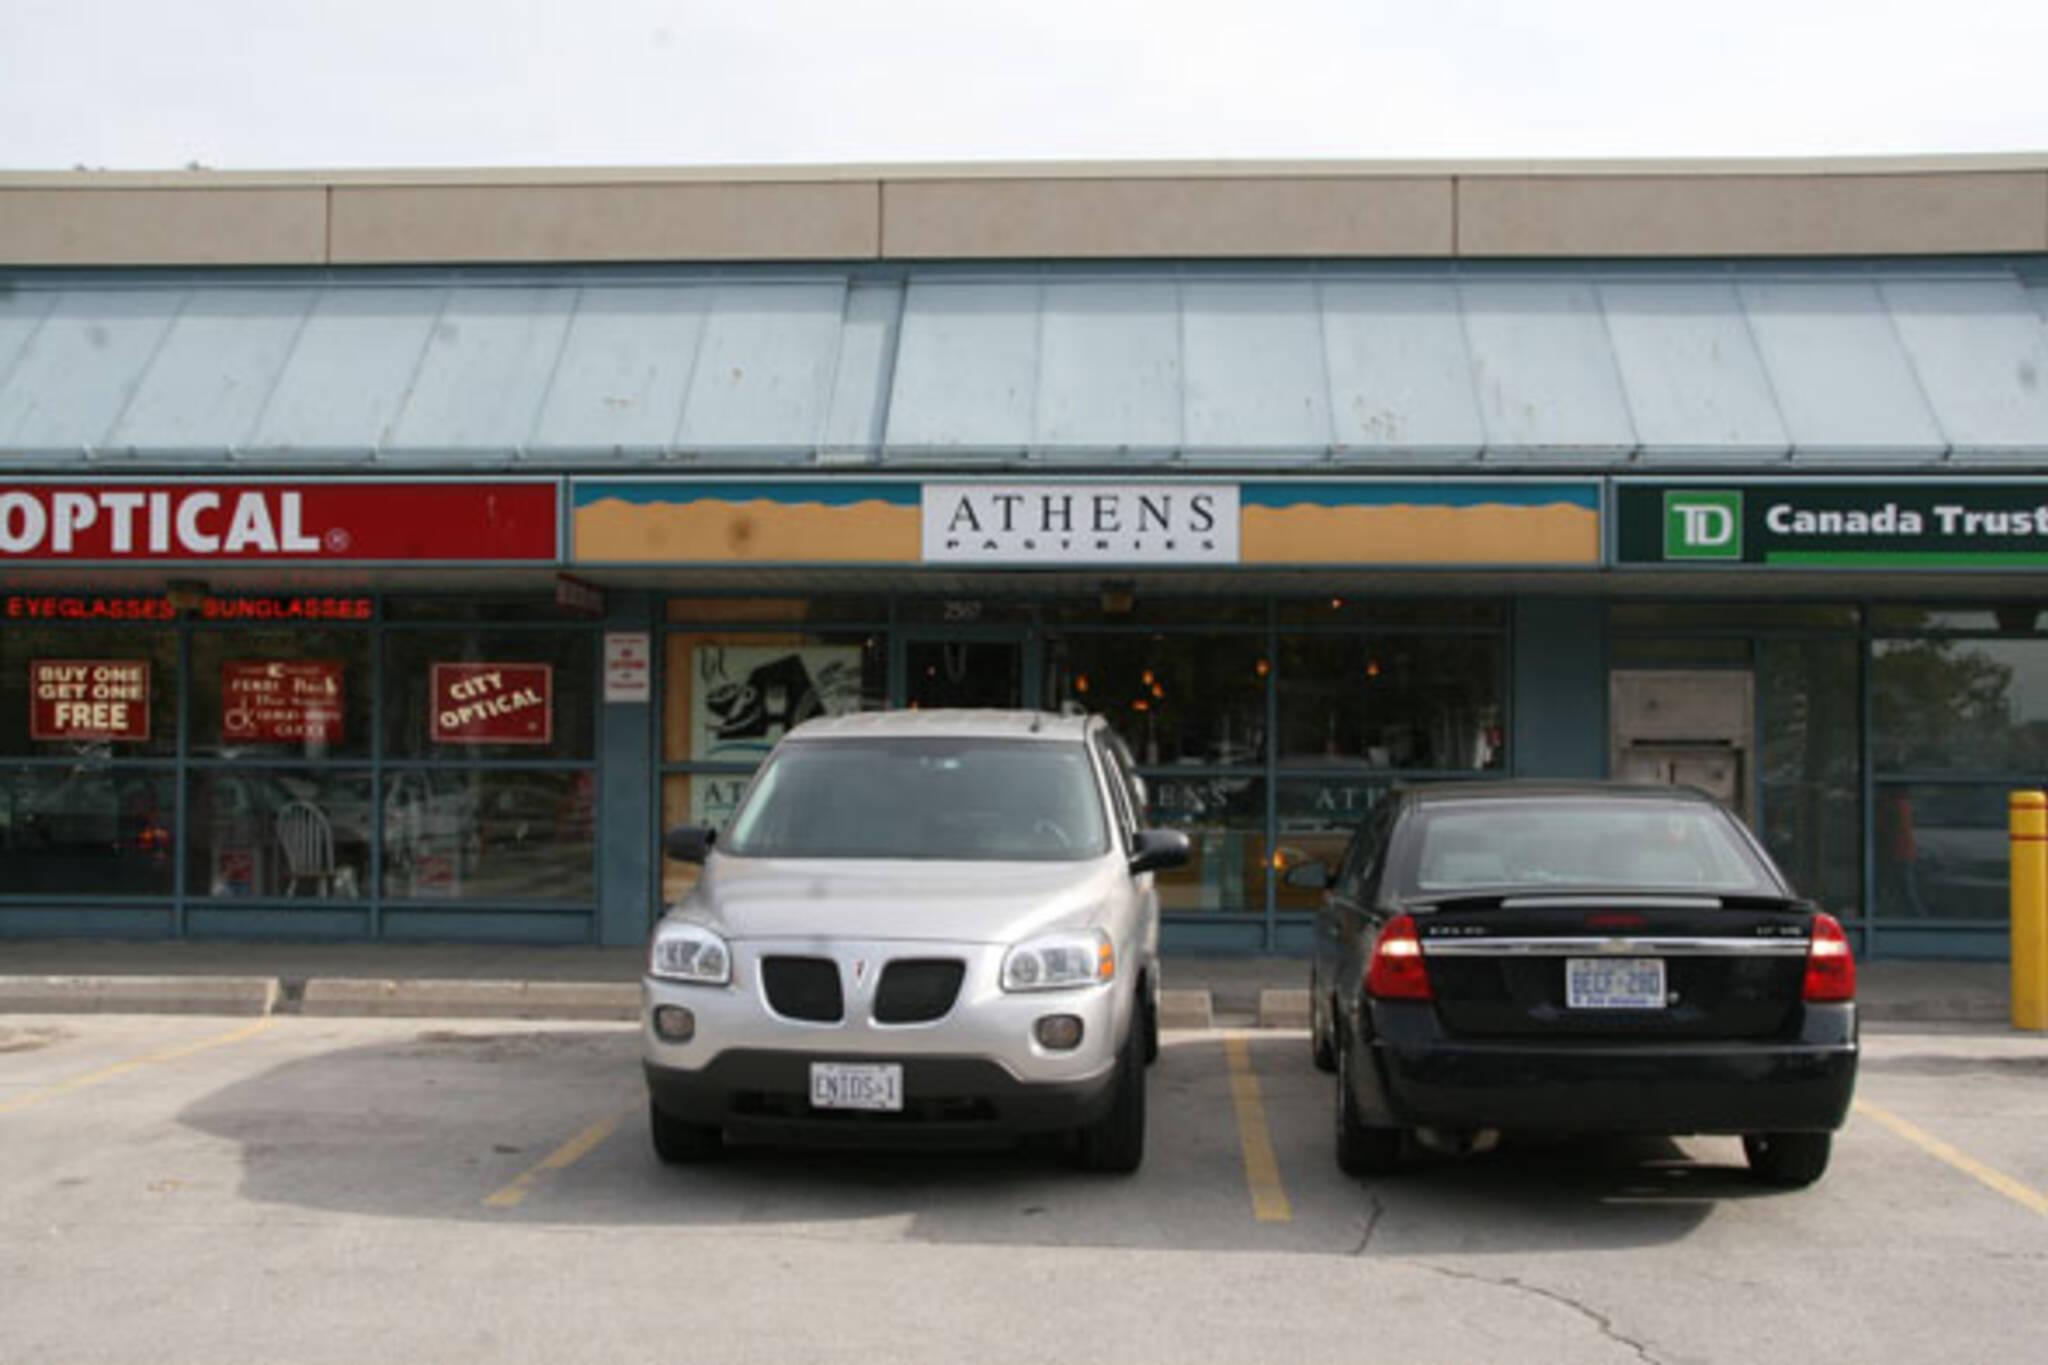 Athens Pastries (Scarborough) Toronto